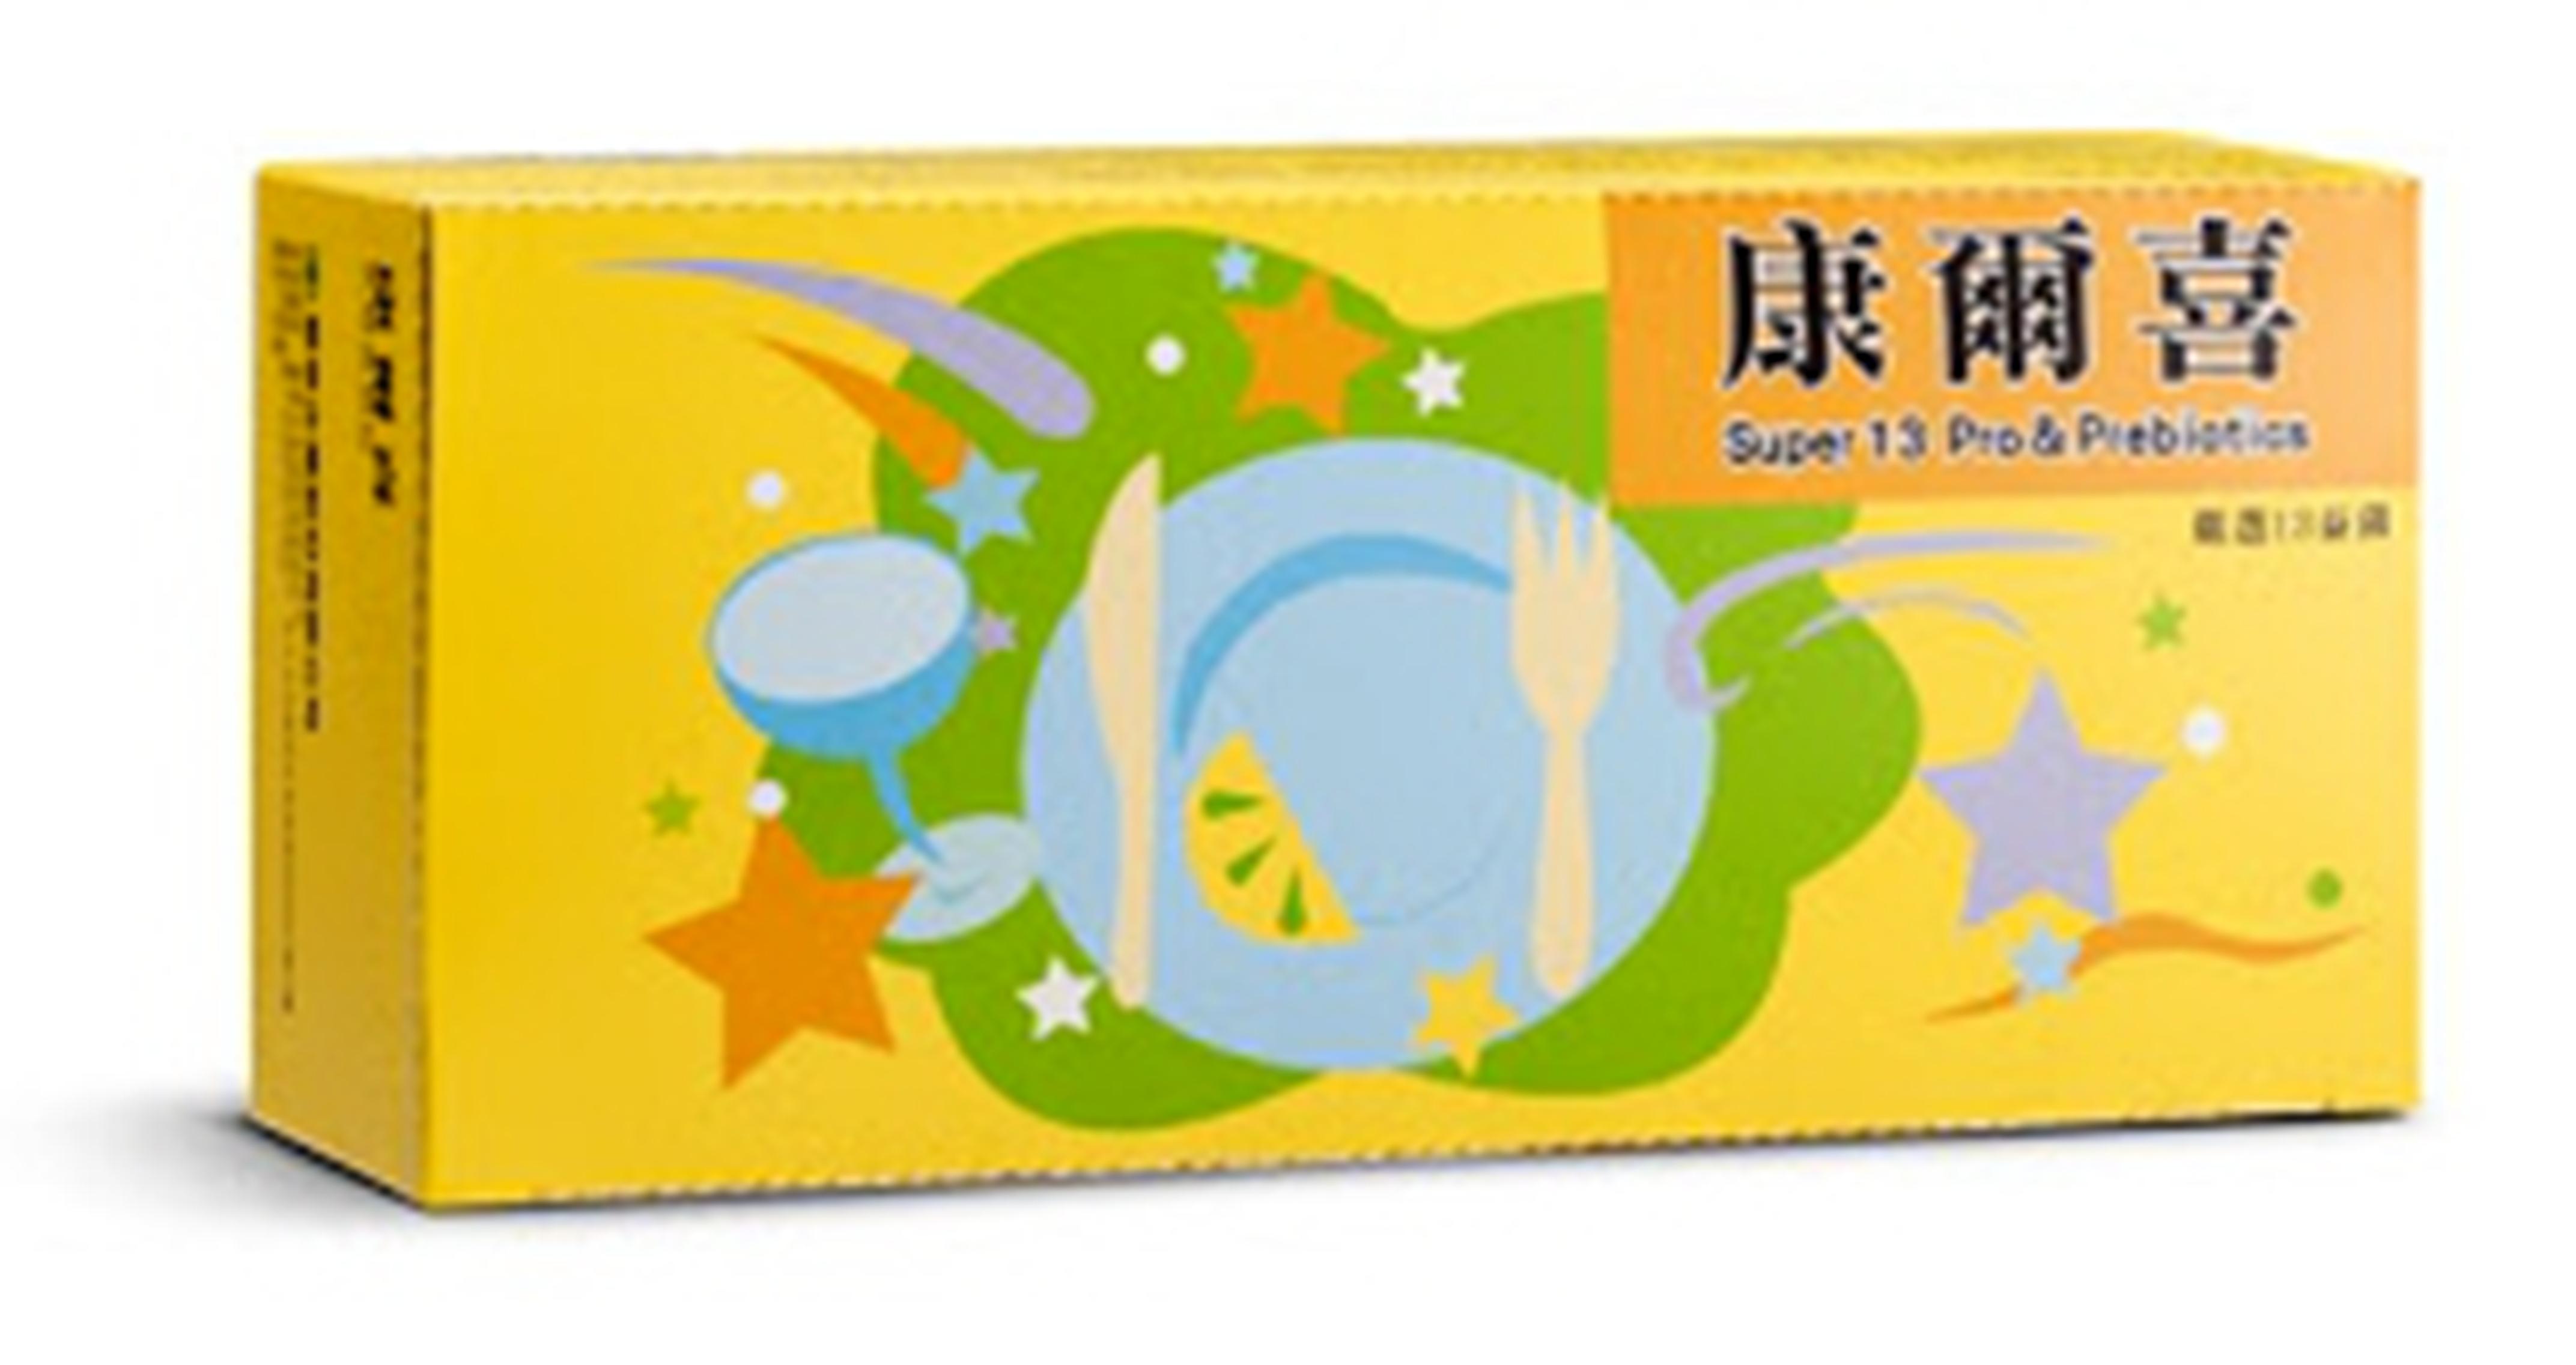 康爾喜乳酸菌顆粒 – 早安~送健康